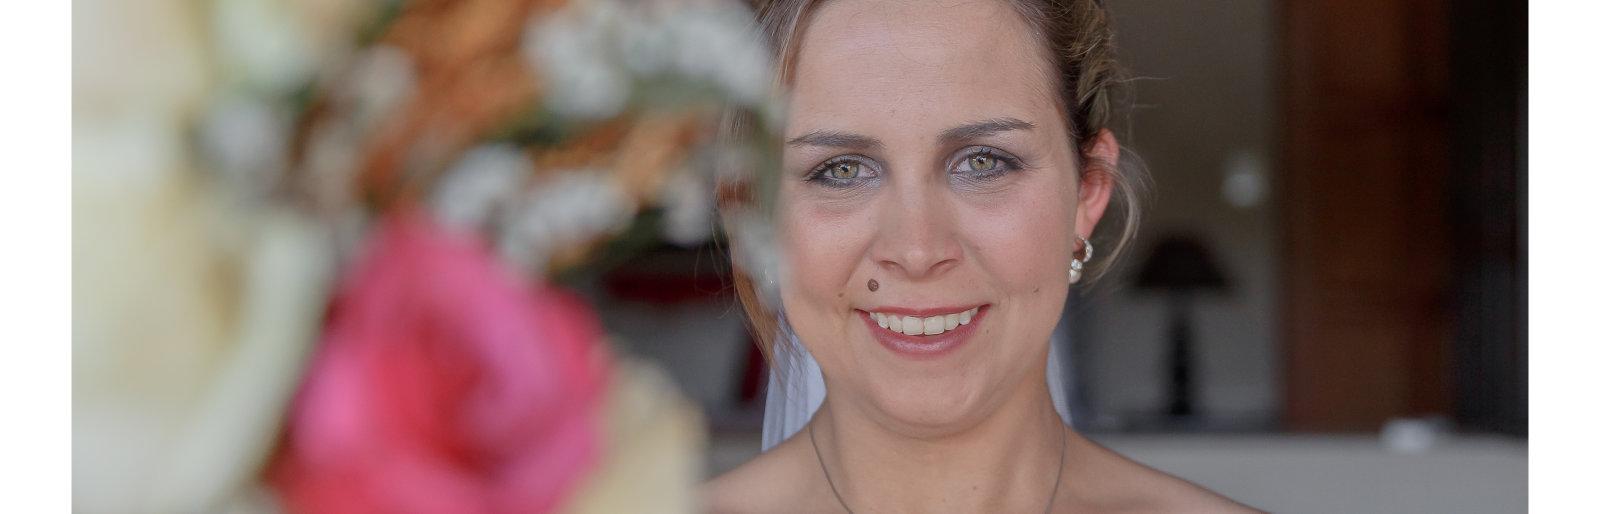 Yolanda Vosloo